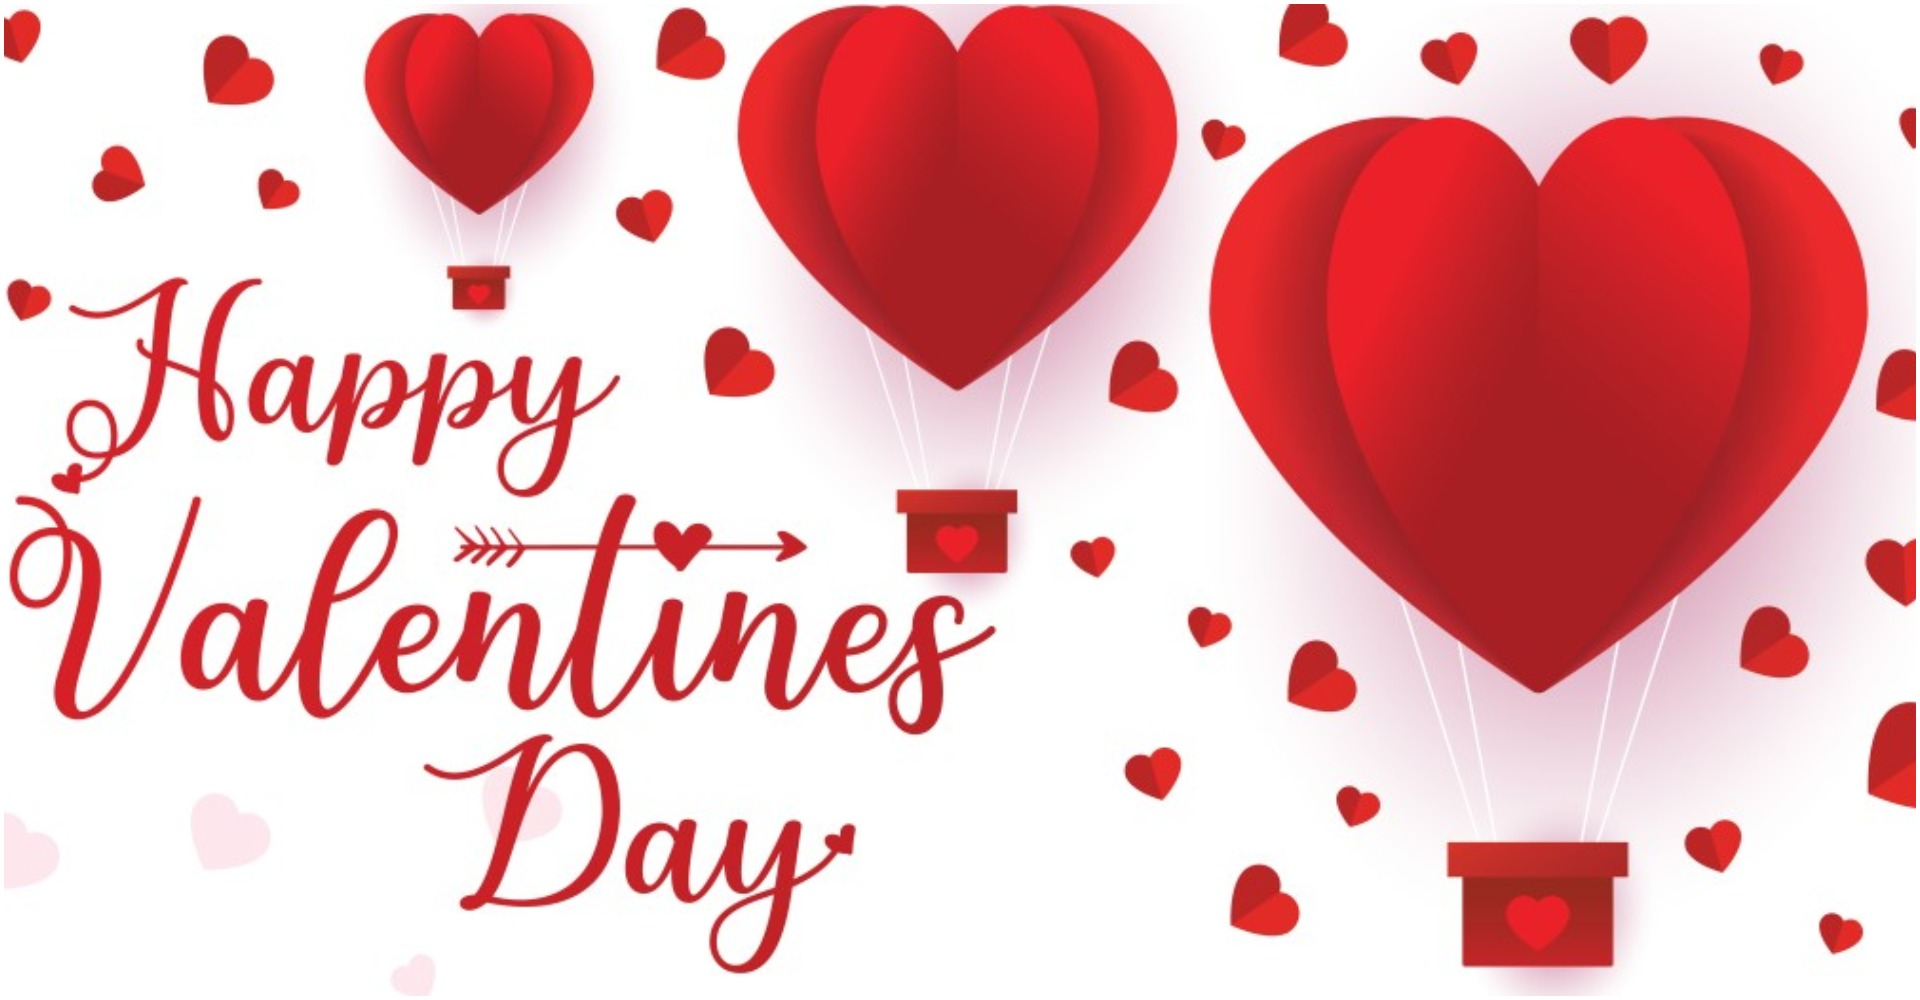 Happy Valentine Day 2020: वैलेंटाइन डे क्यों मनाते है? जानें इतिहास और इसका महत्व